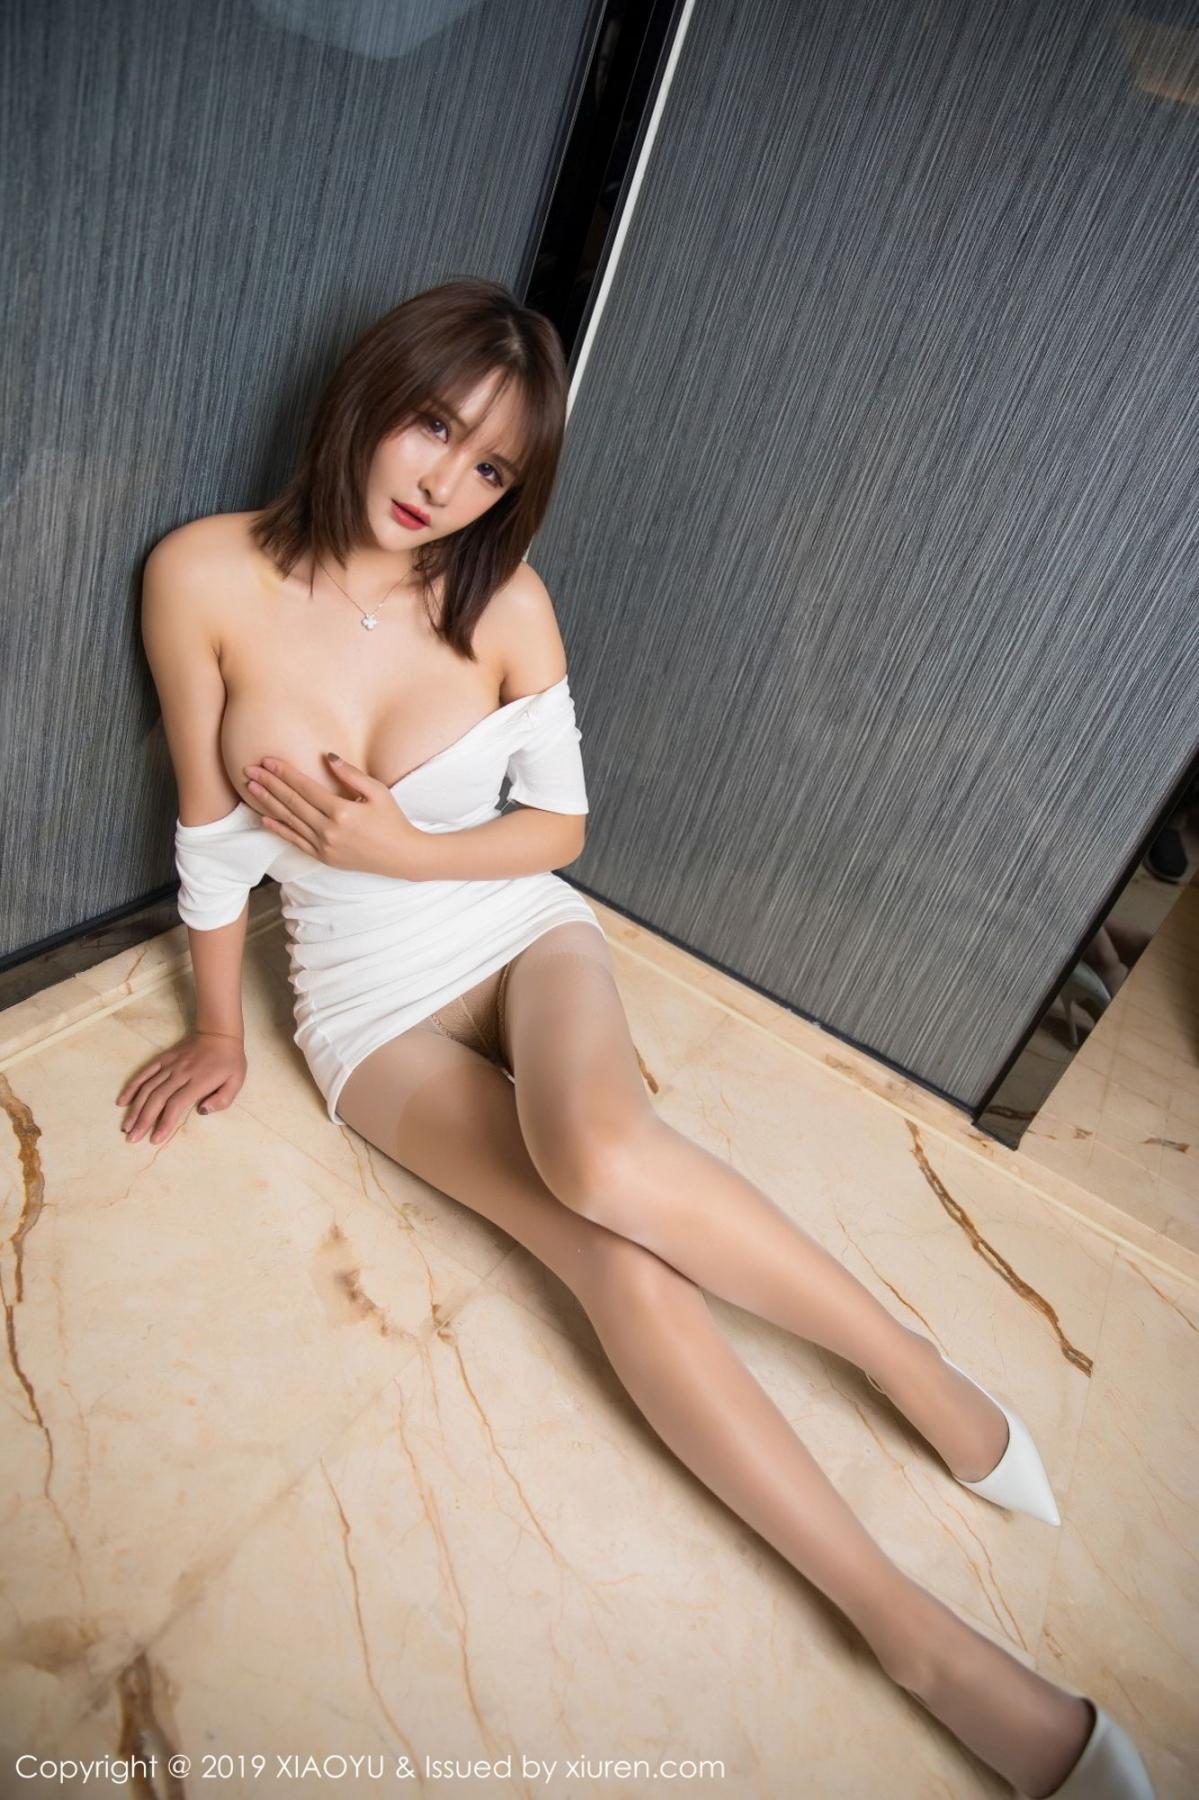 [XiaoYu] Vol.112 Solo Yi Fei 29P, Solo Yi Fei, Underwear, XiaoYu